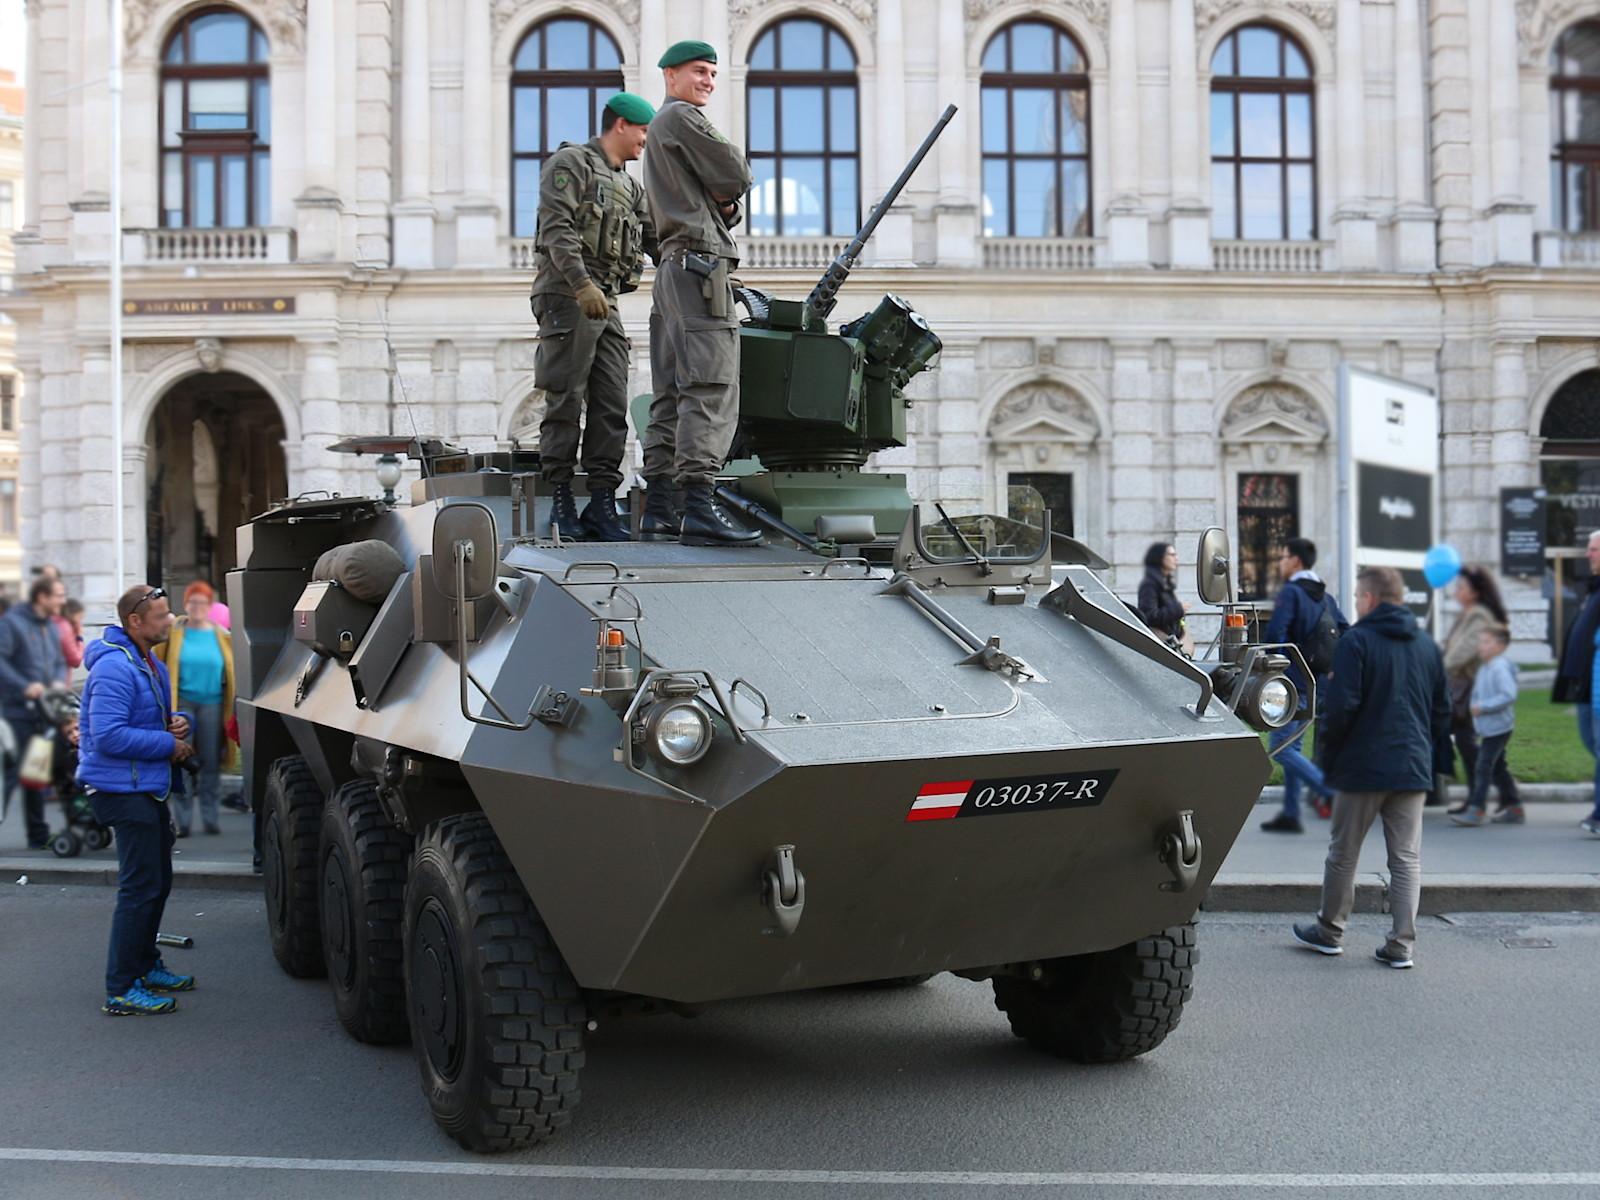 Mannschaftstransportpanzer Pandur A2 mit Waffenstation © Doppeladler.com